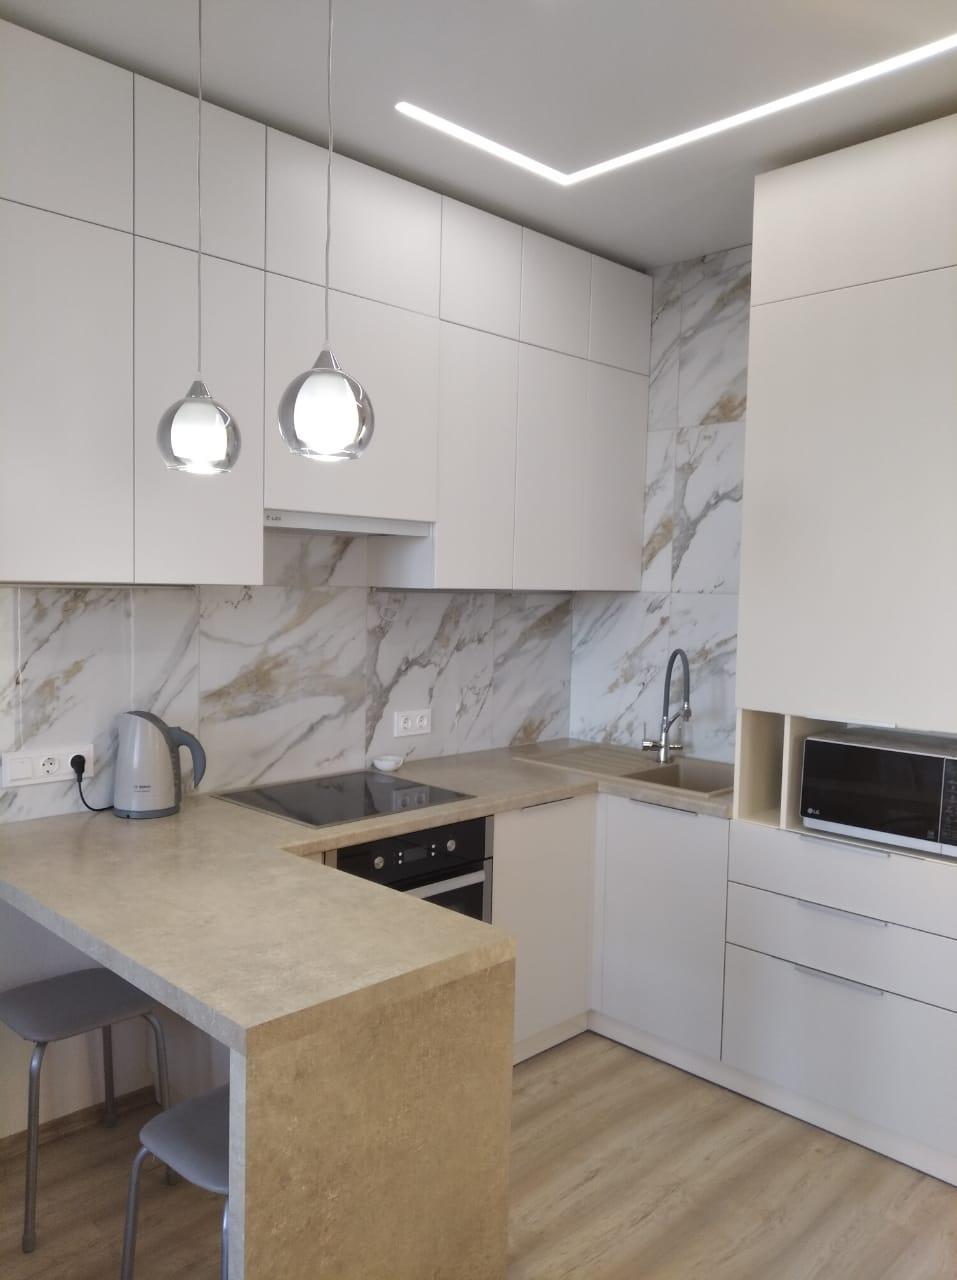 Первое фото Светлая матовая кухня под потолок с пеналами и барной стойкой